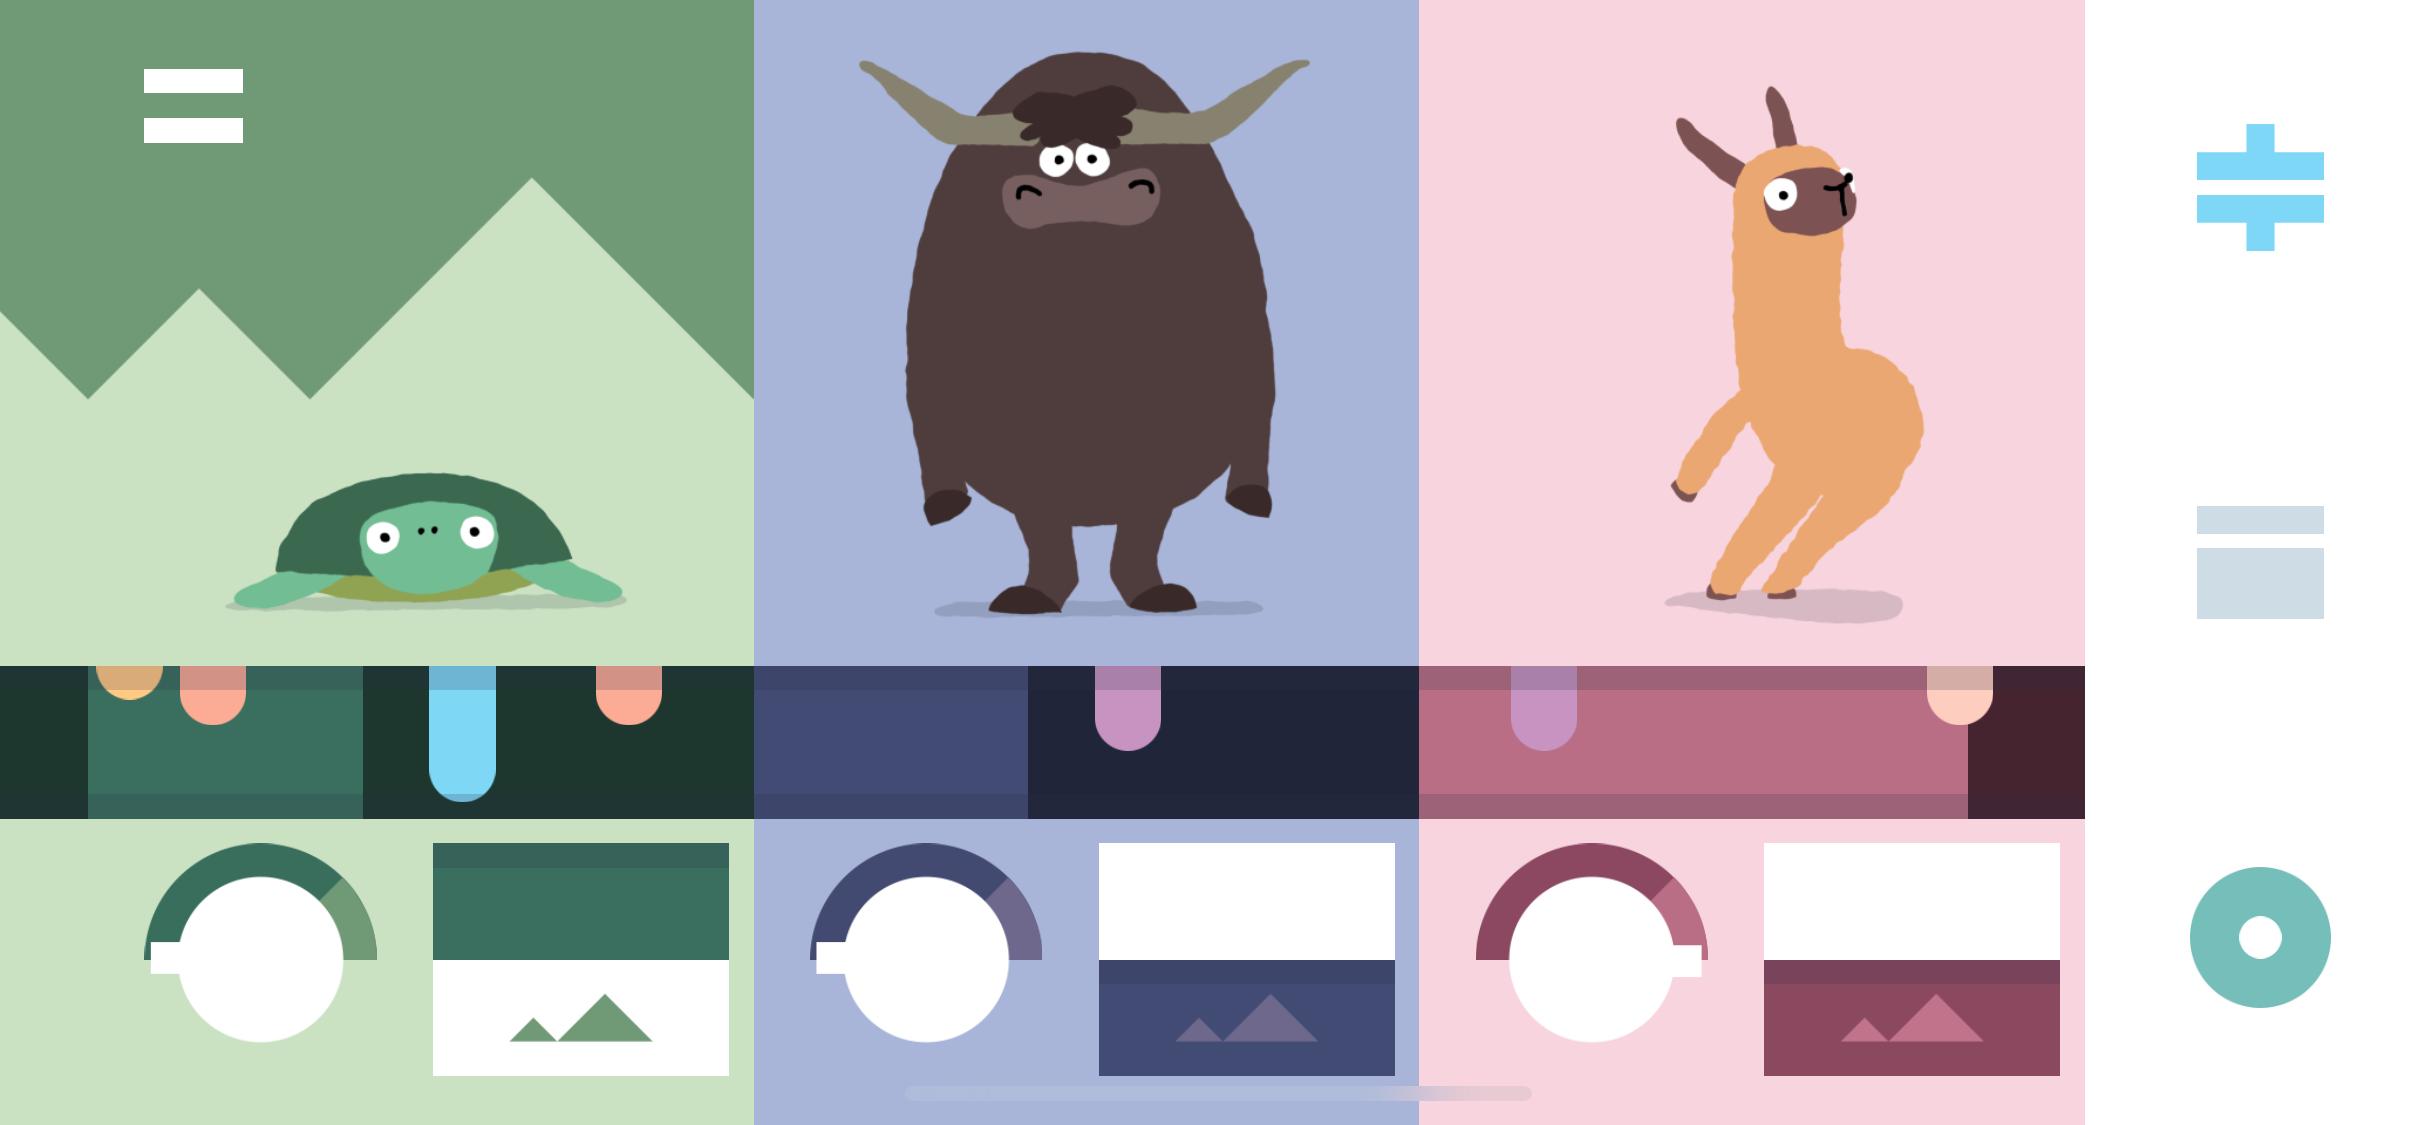 Slik ser Bandimal ut. De ulike dyrene har forskjellige lyder. I menyen til høyre kan du velge mellom ulike rytmer og trommelyder som akkompagnement.